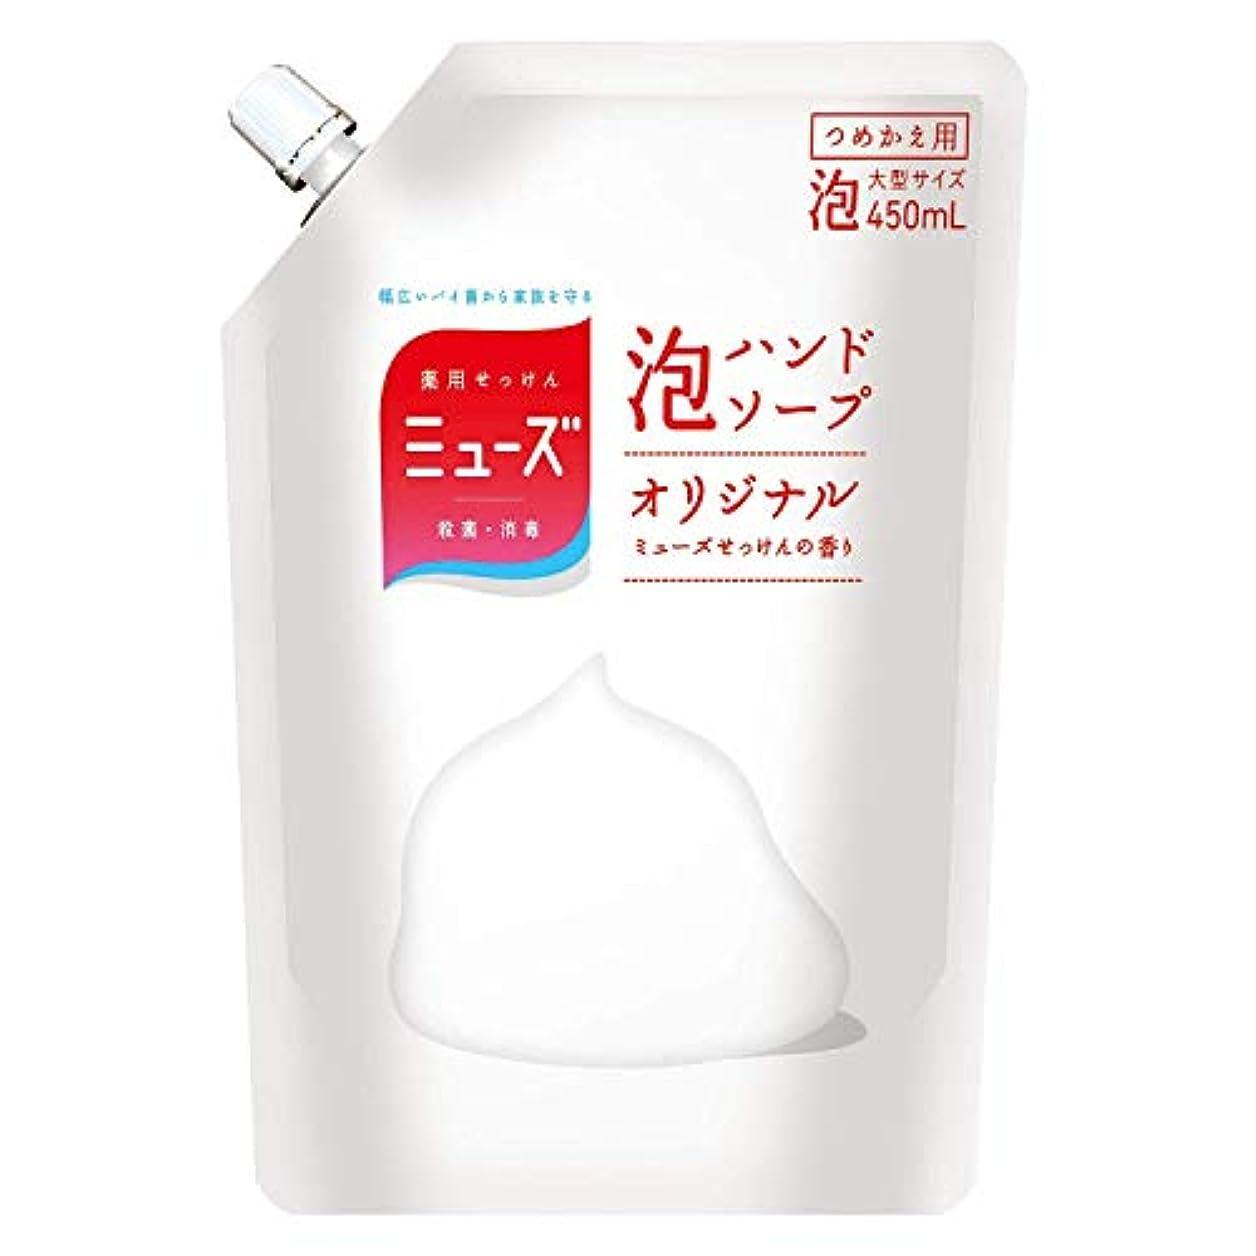 持っているおもしろい祝う薬用せっけんミューズ 泡 ハンドソープ 詰替 オリジナル 450ml 殺菌 消毒 手洗い 保湿成分配合 詰め替えパック